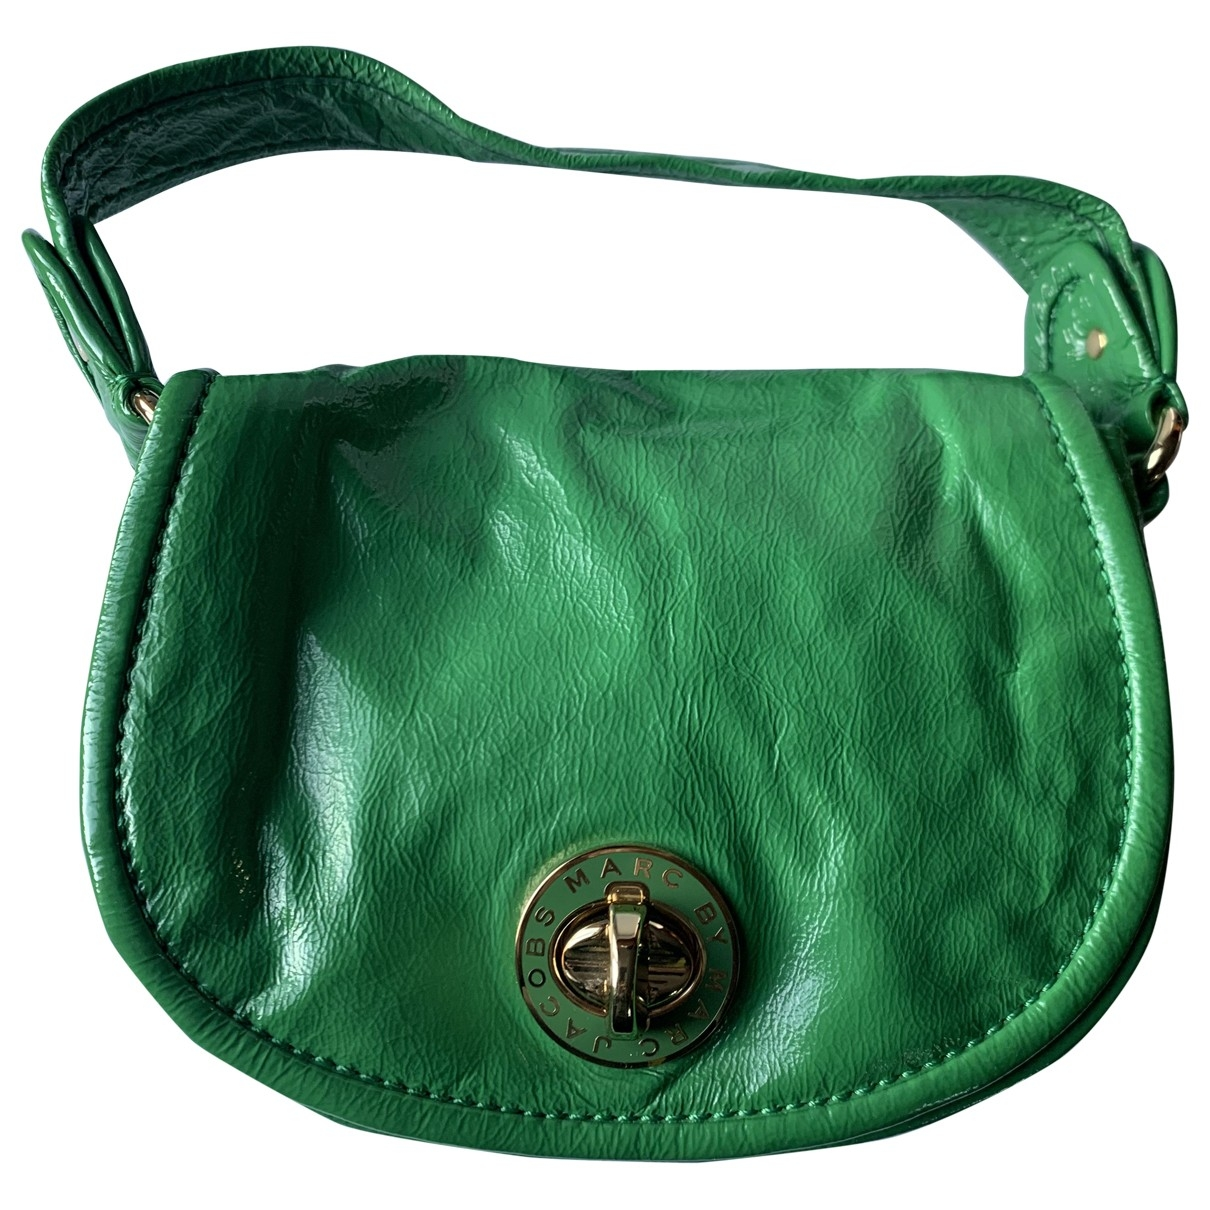 Michael Kors \N Green Leather handbag for Women \N